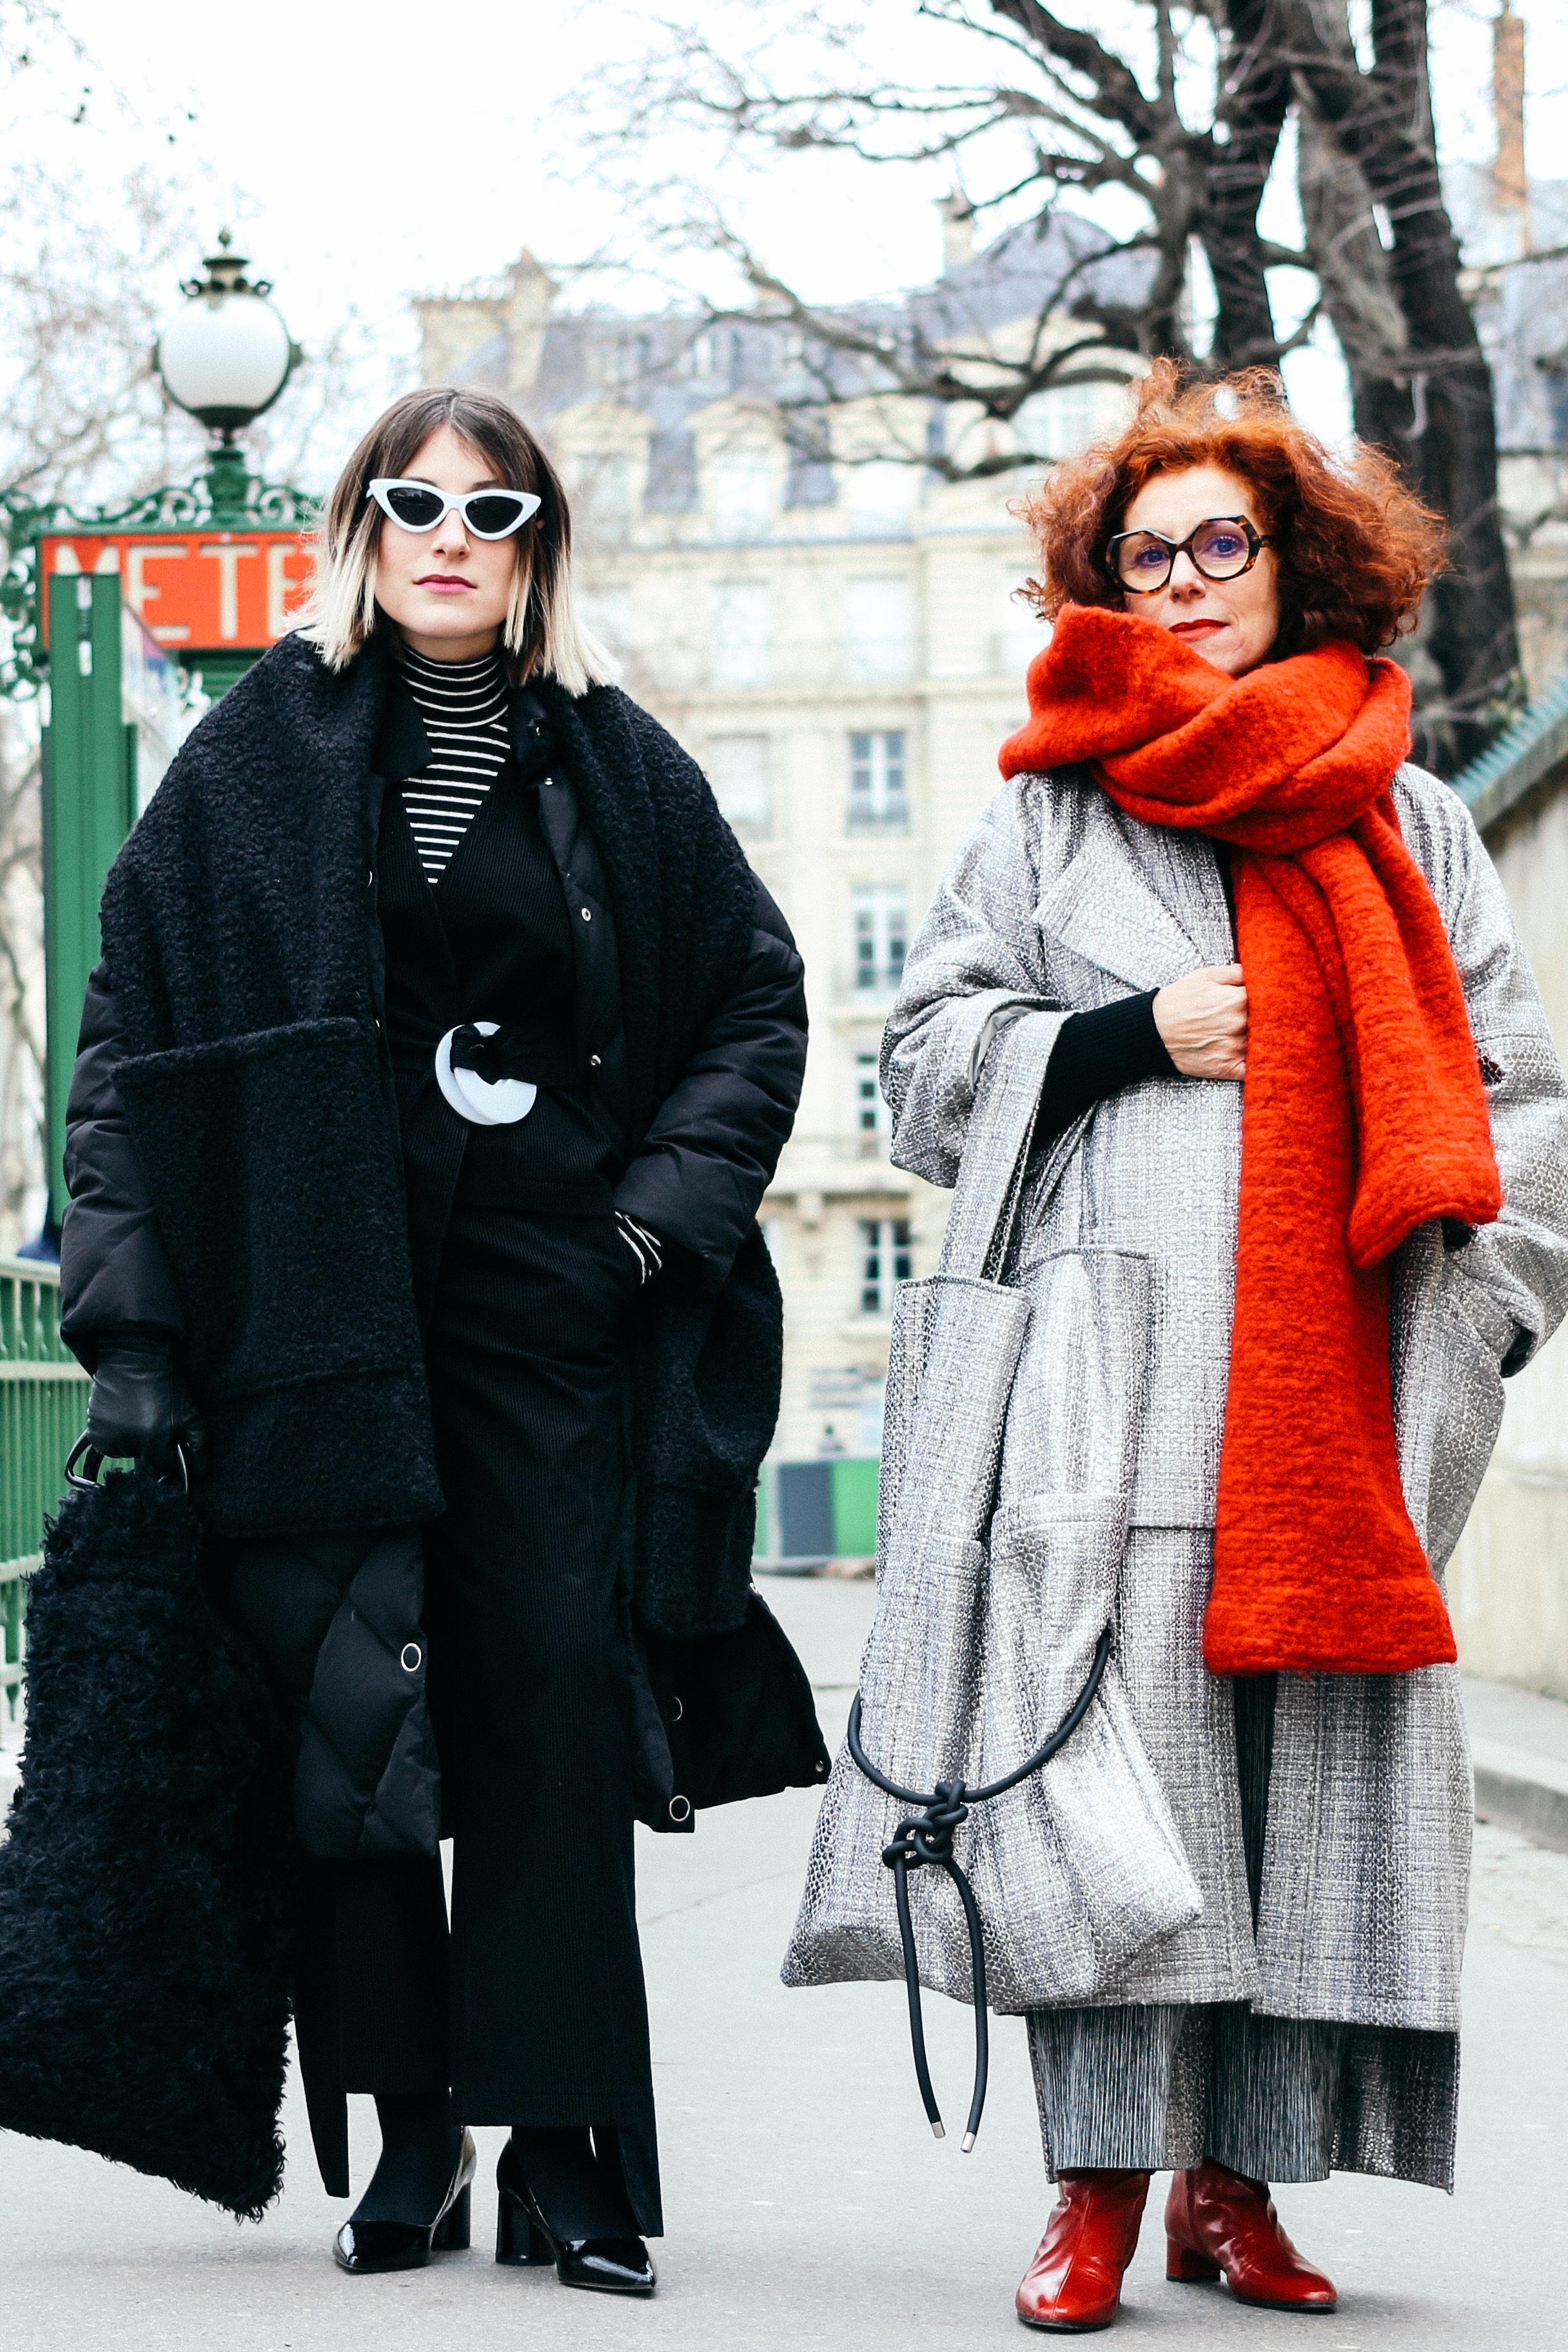 Martine & Léa1.jpg